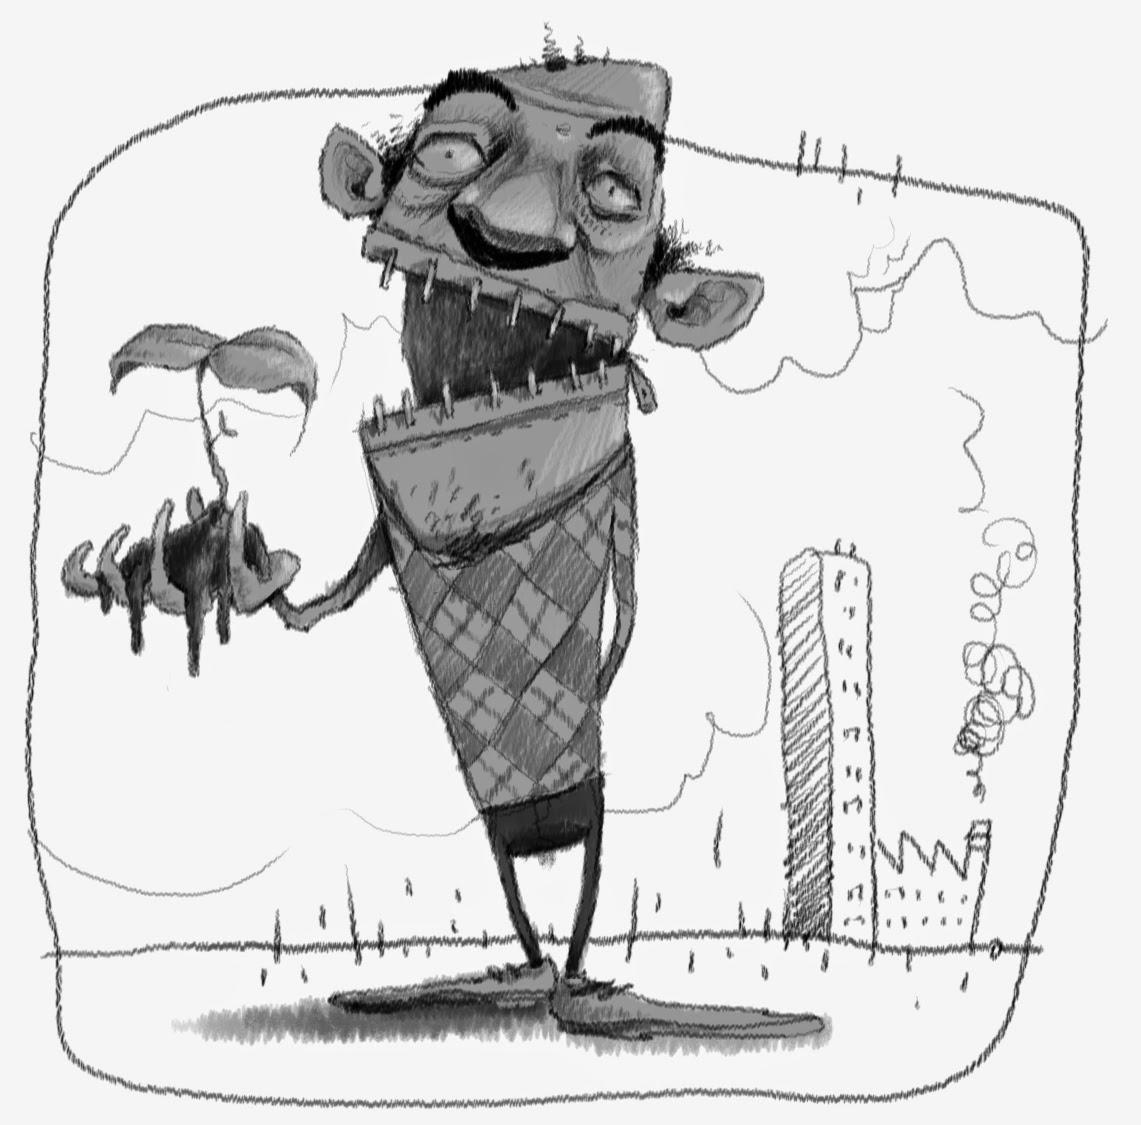 urka illustration sketch digital